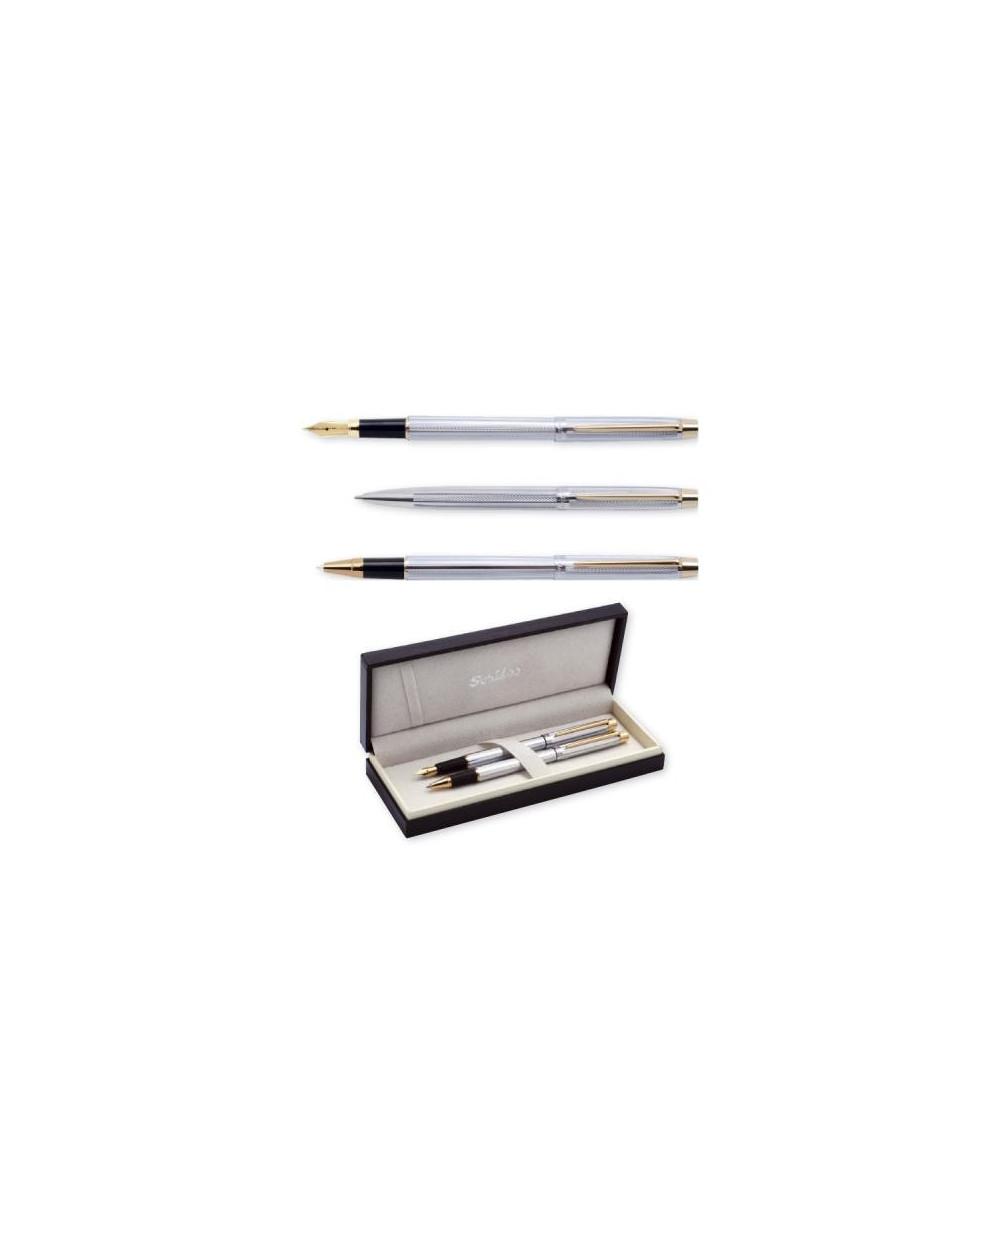 Химикалка Scrikss 722 Venus Gold Chrome в кутия лукс